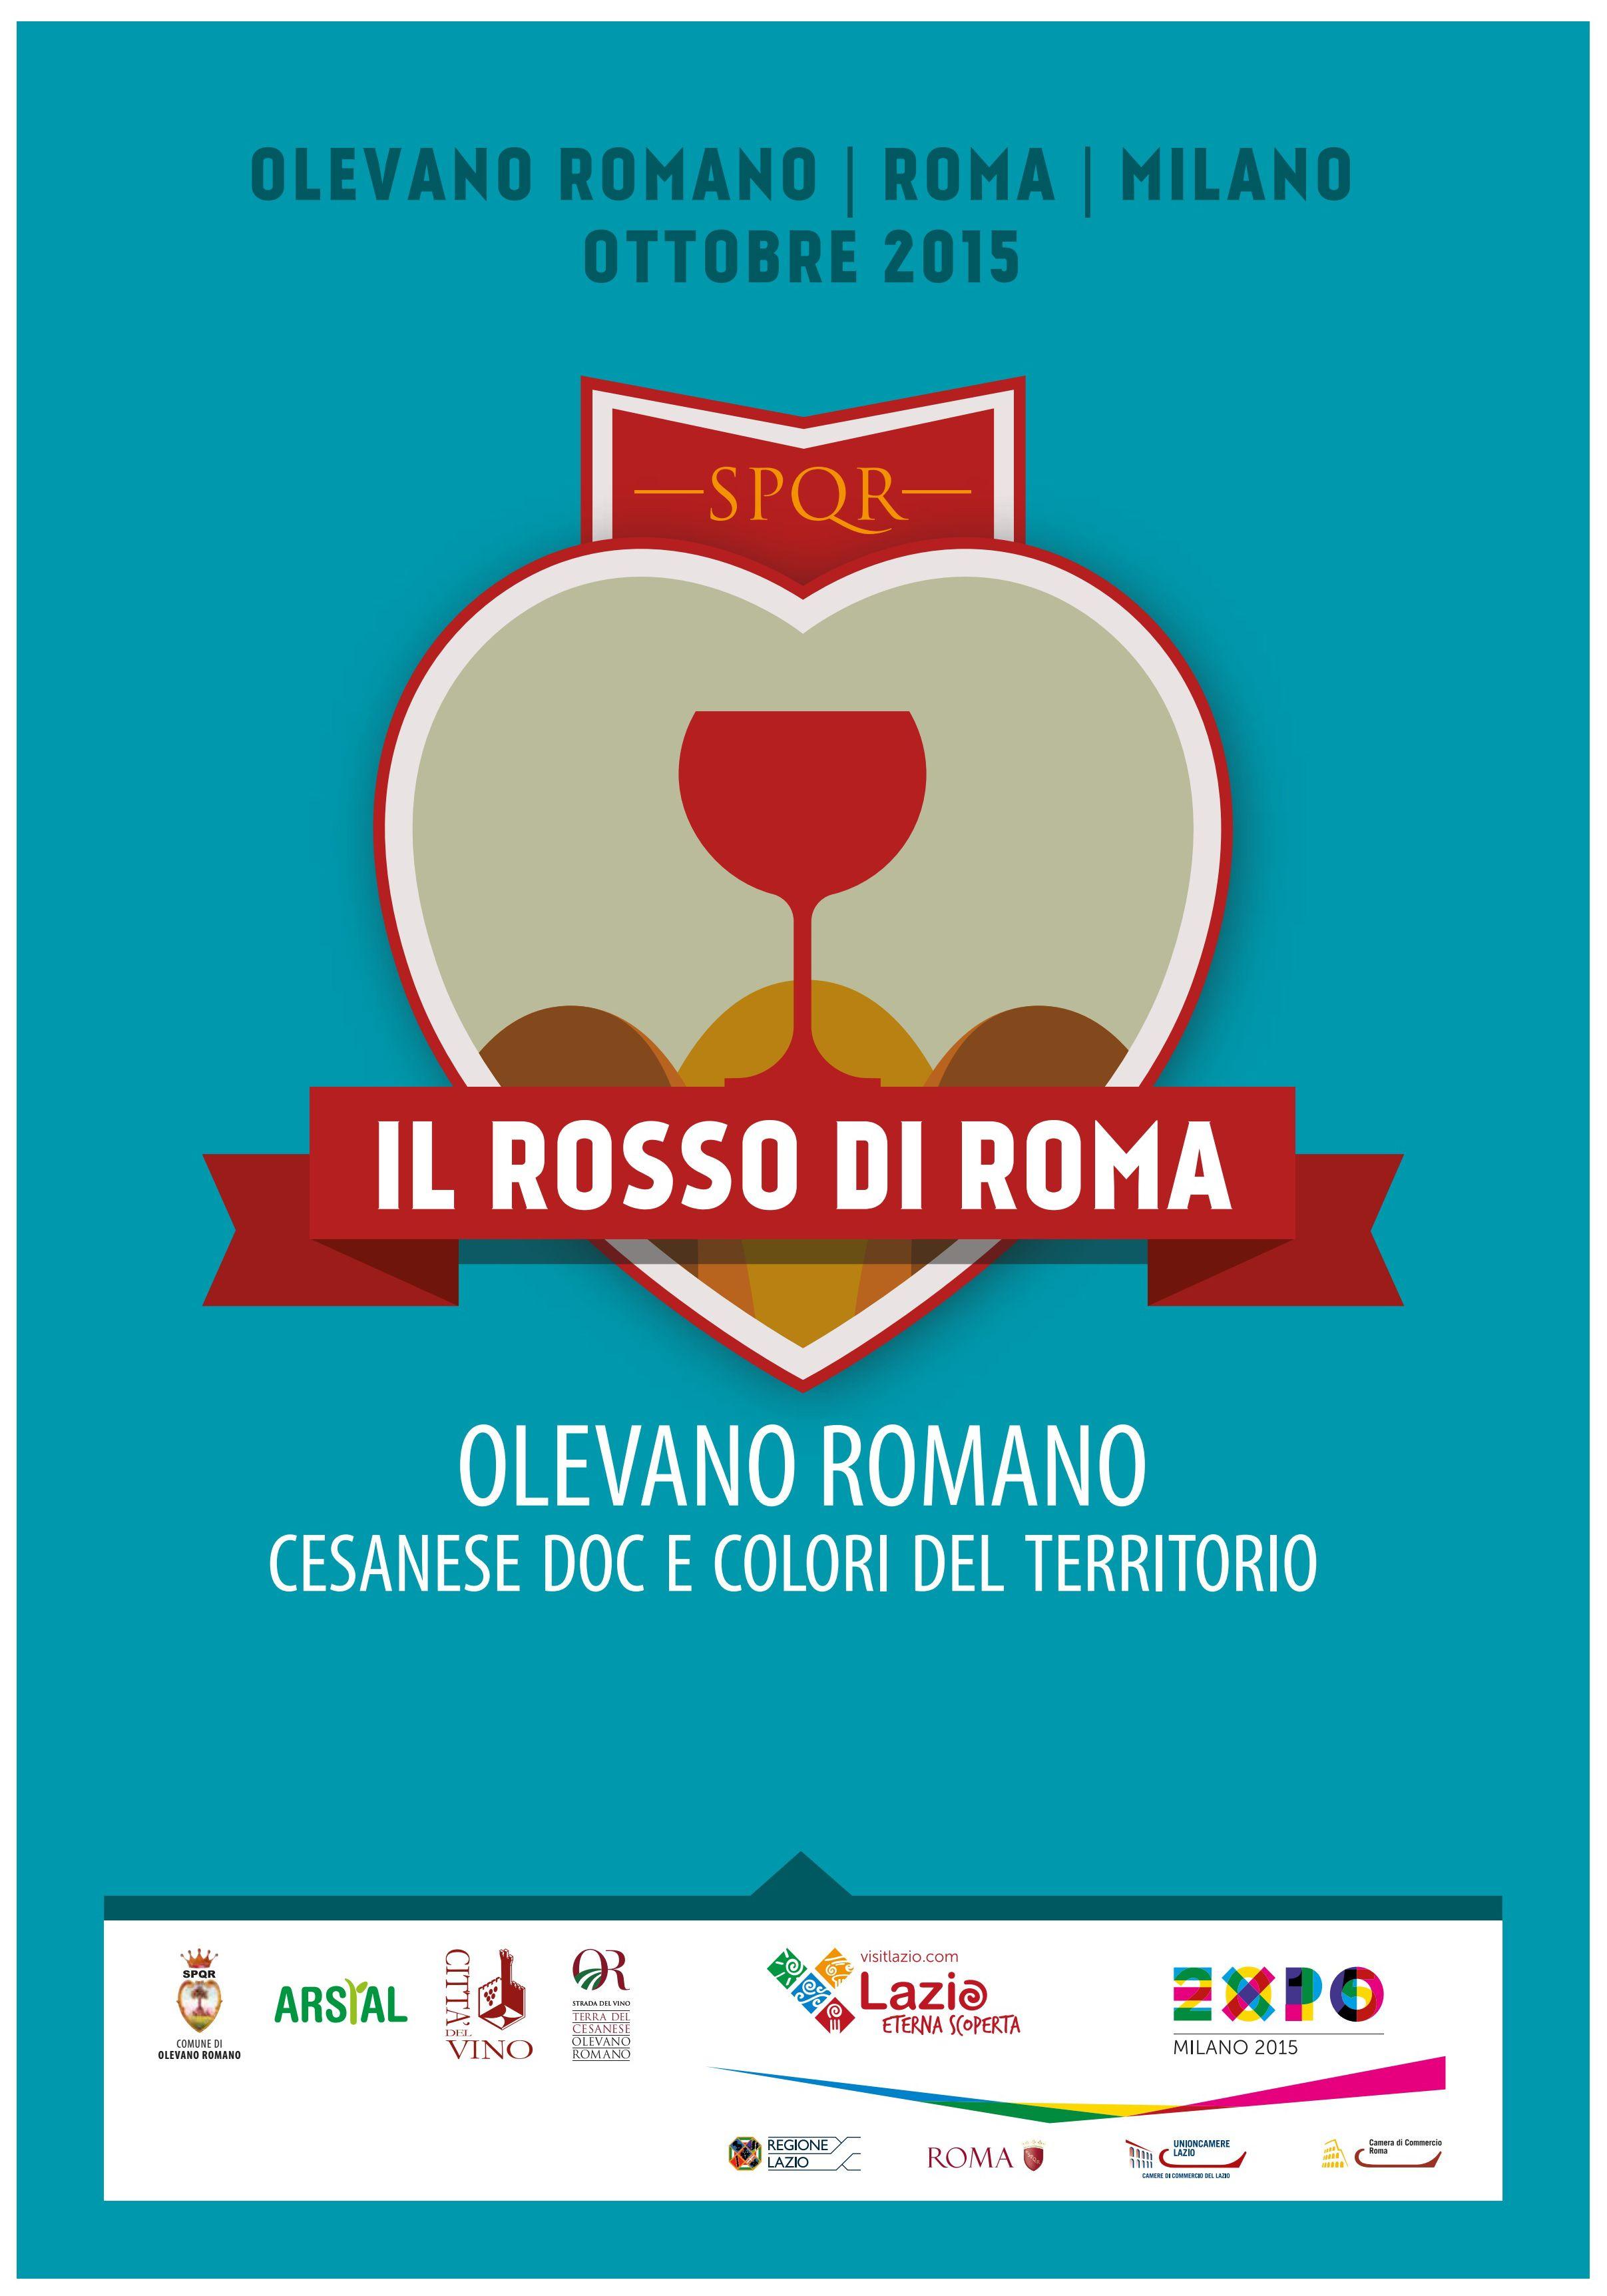 https://www.comune.olevanoromano.rm.it/immagini_news/public/locandina/1-Rosso-di-Roma.jpg